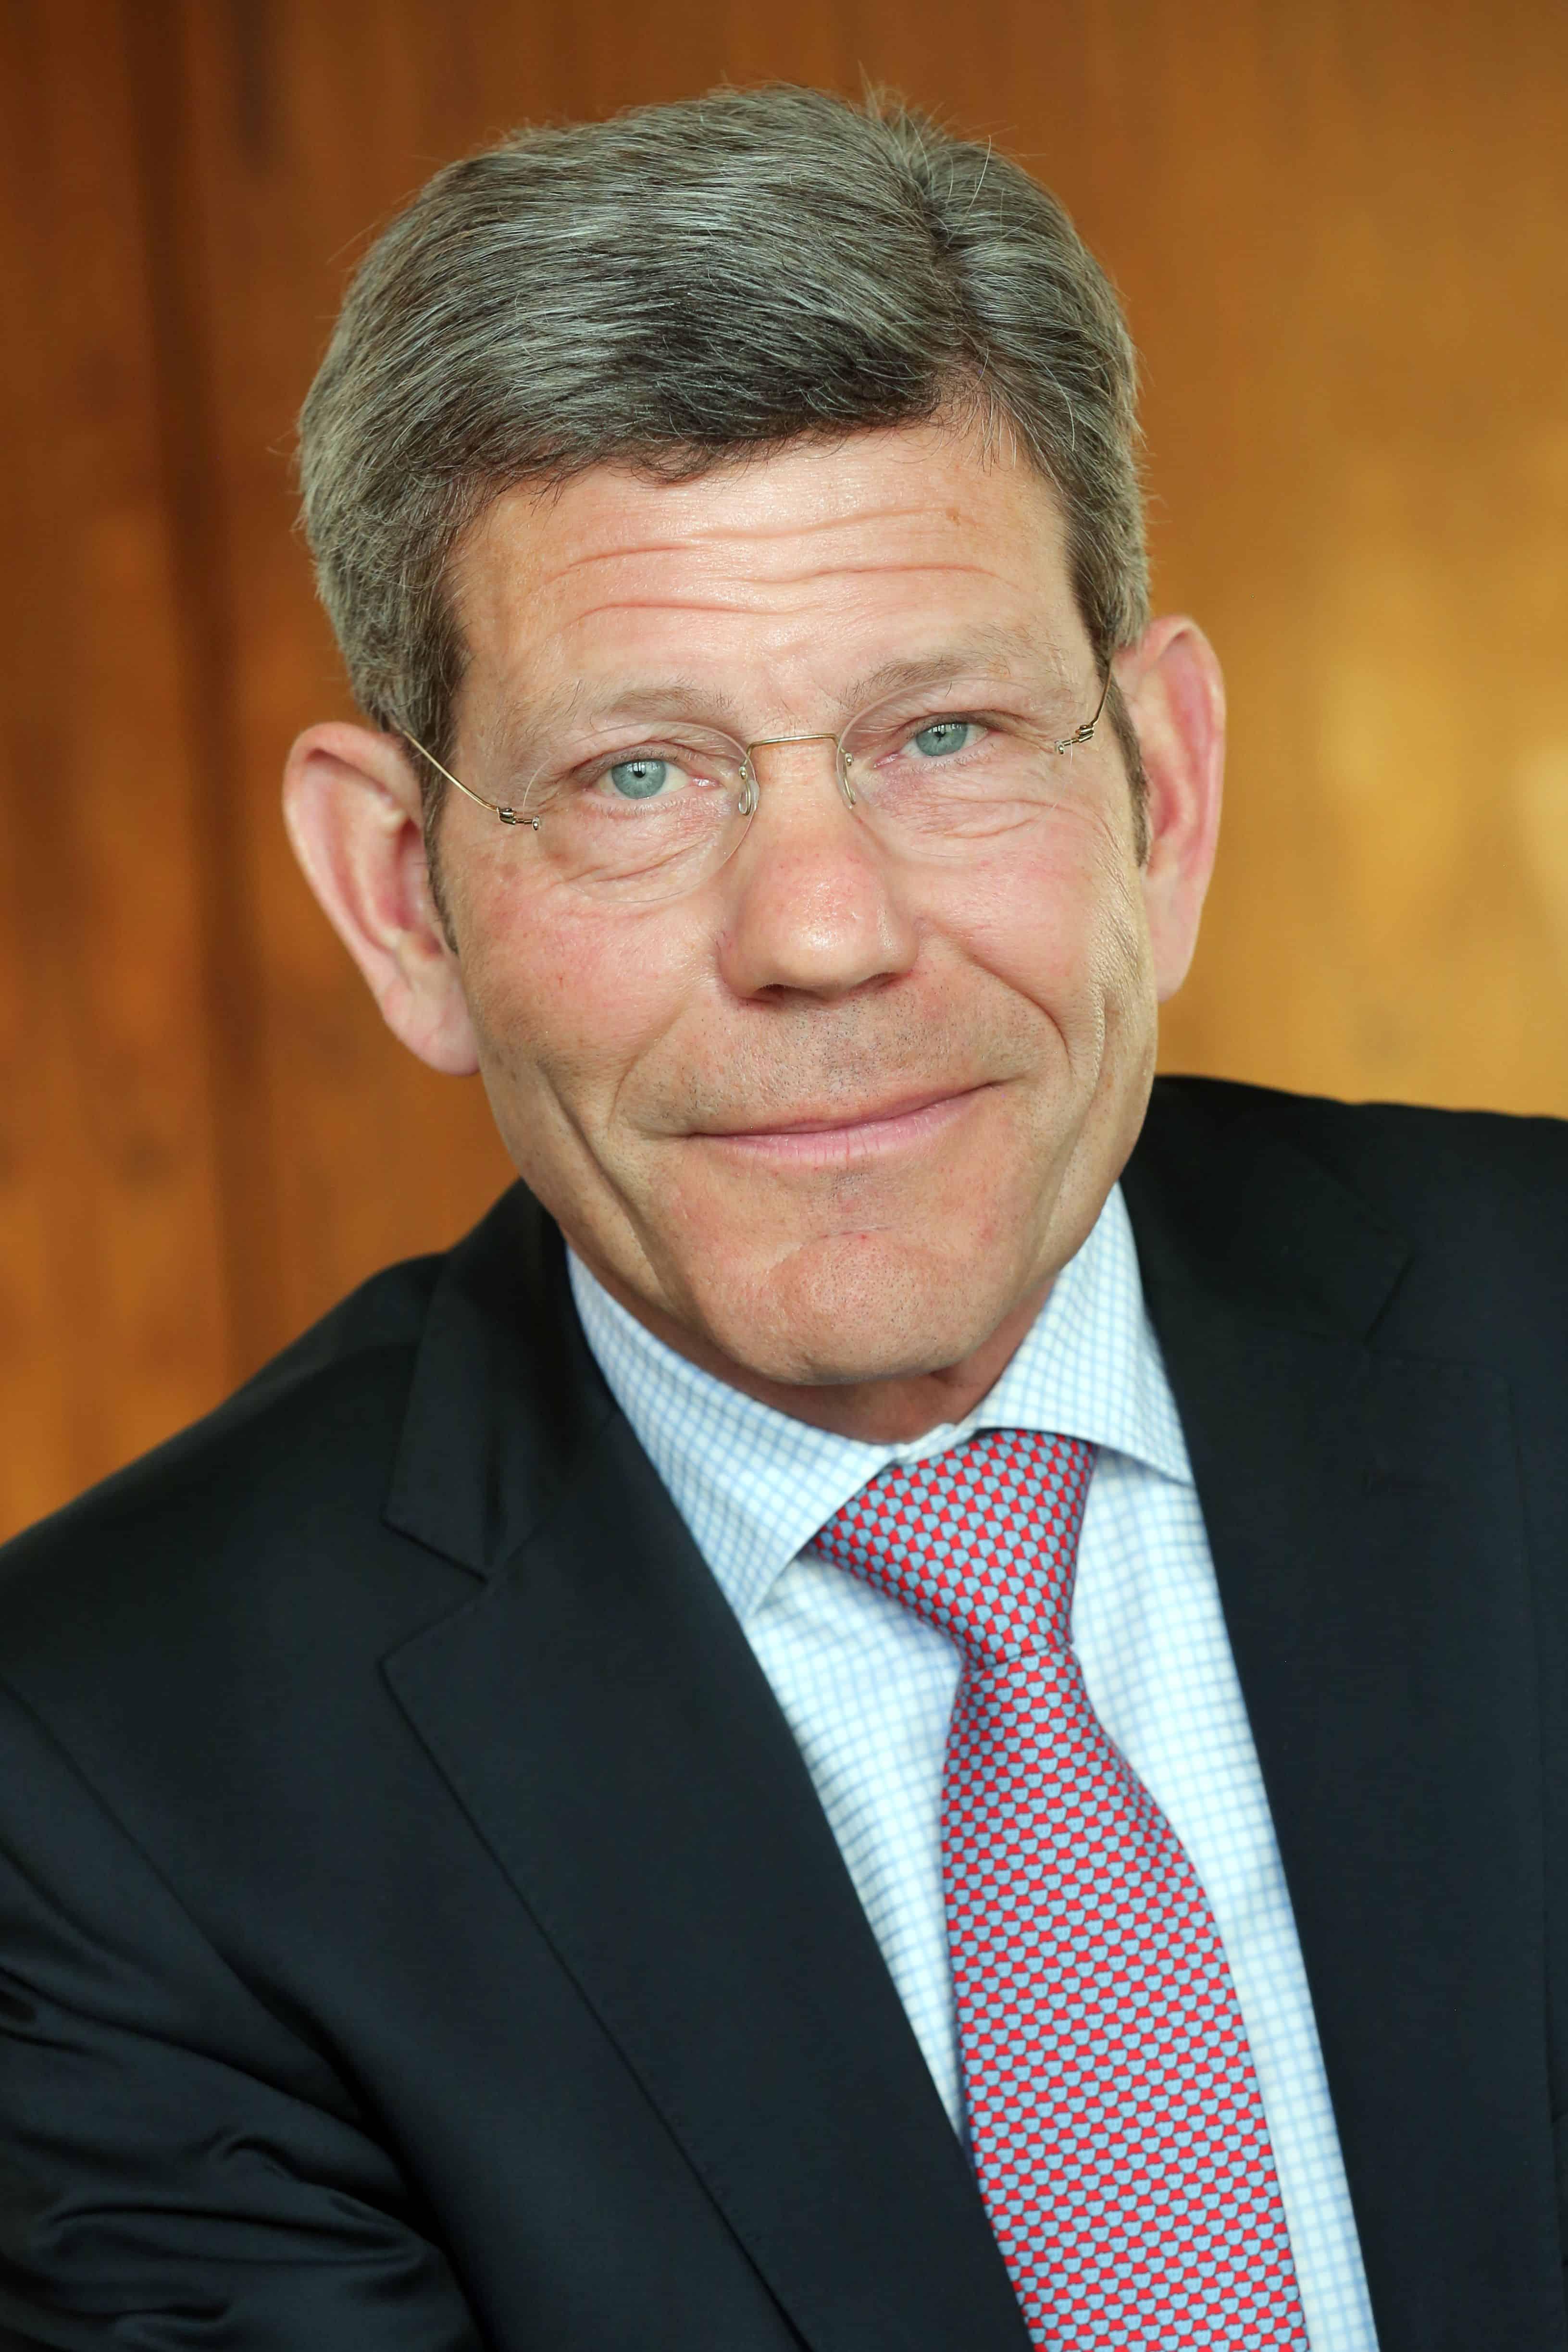 Bernhard Mattes, Vorsitzender der Geschäftsführung der Ford-Werke GmbH.